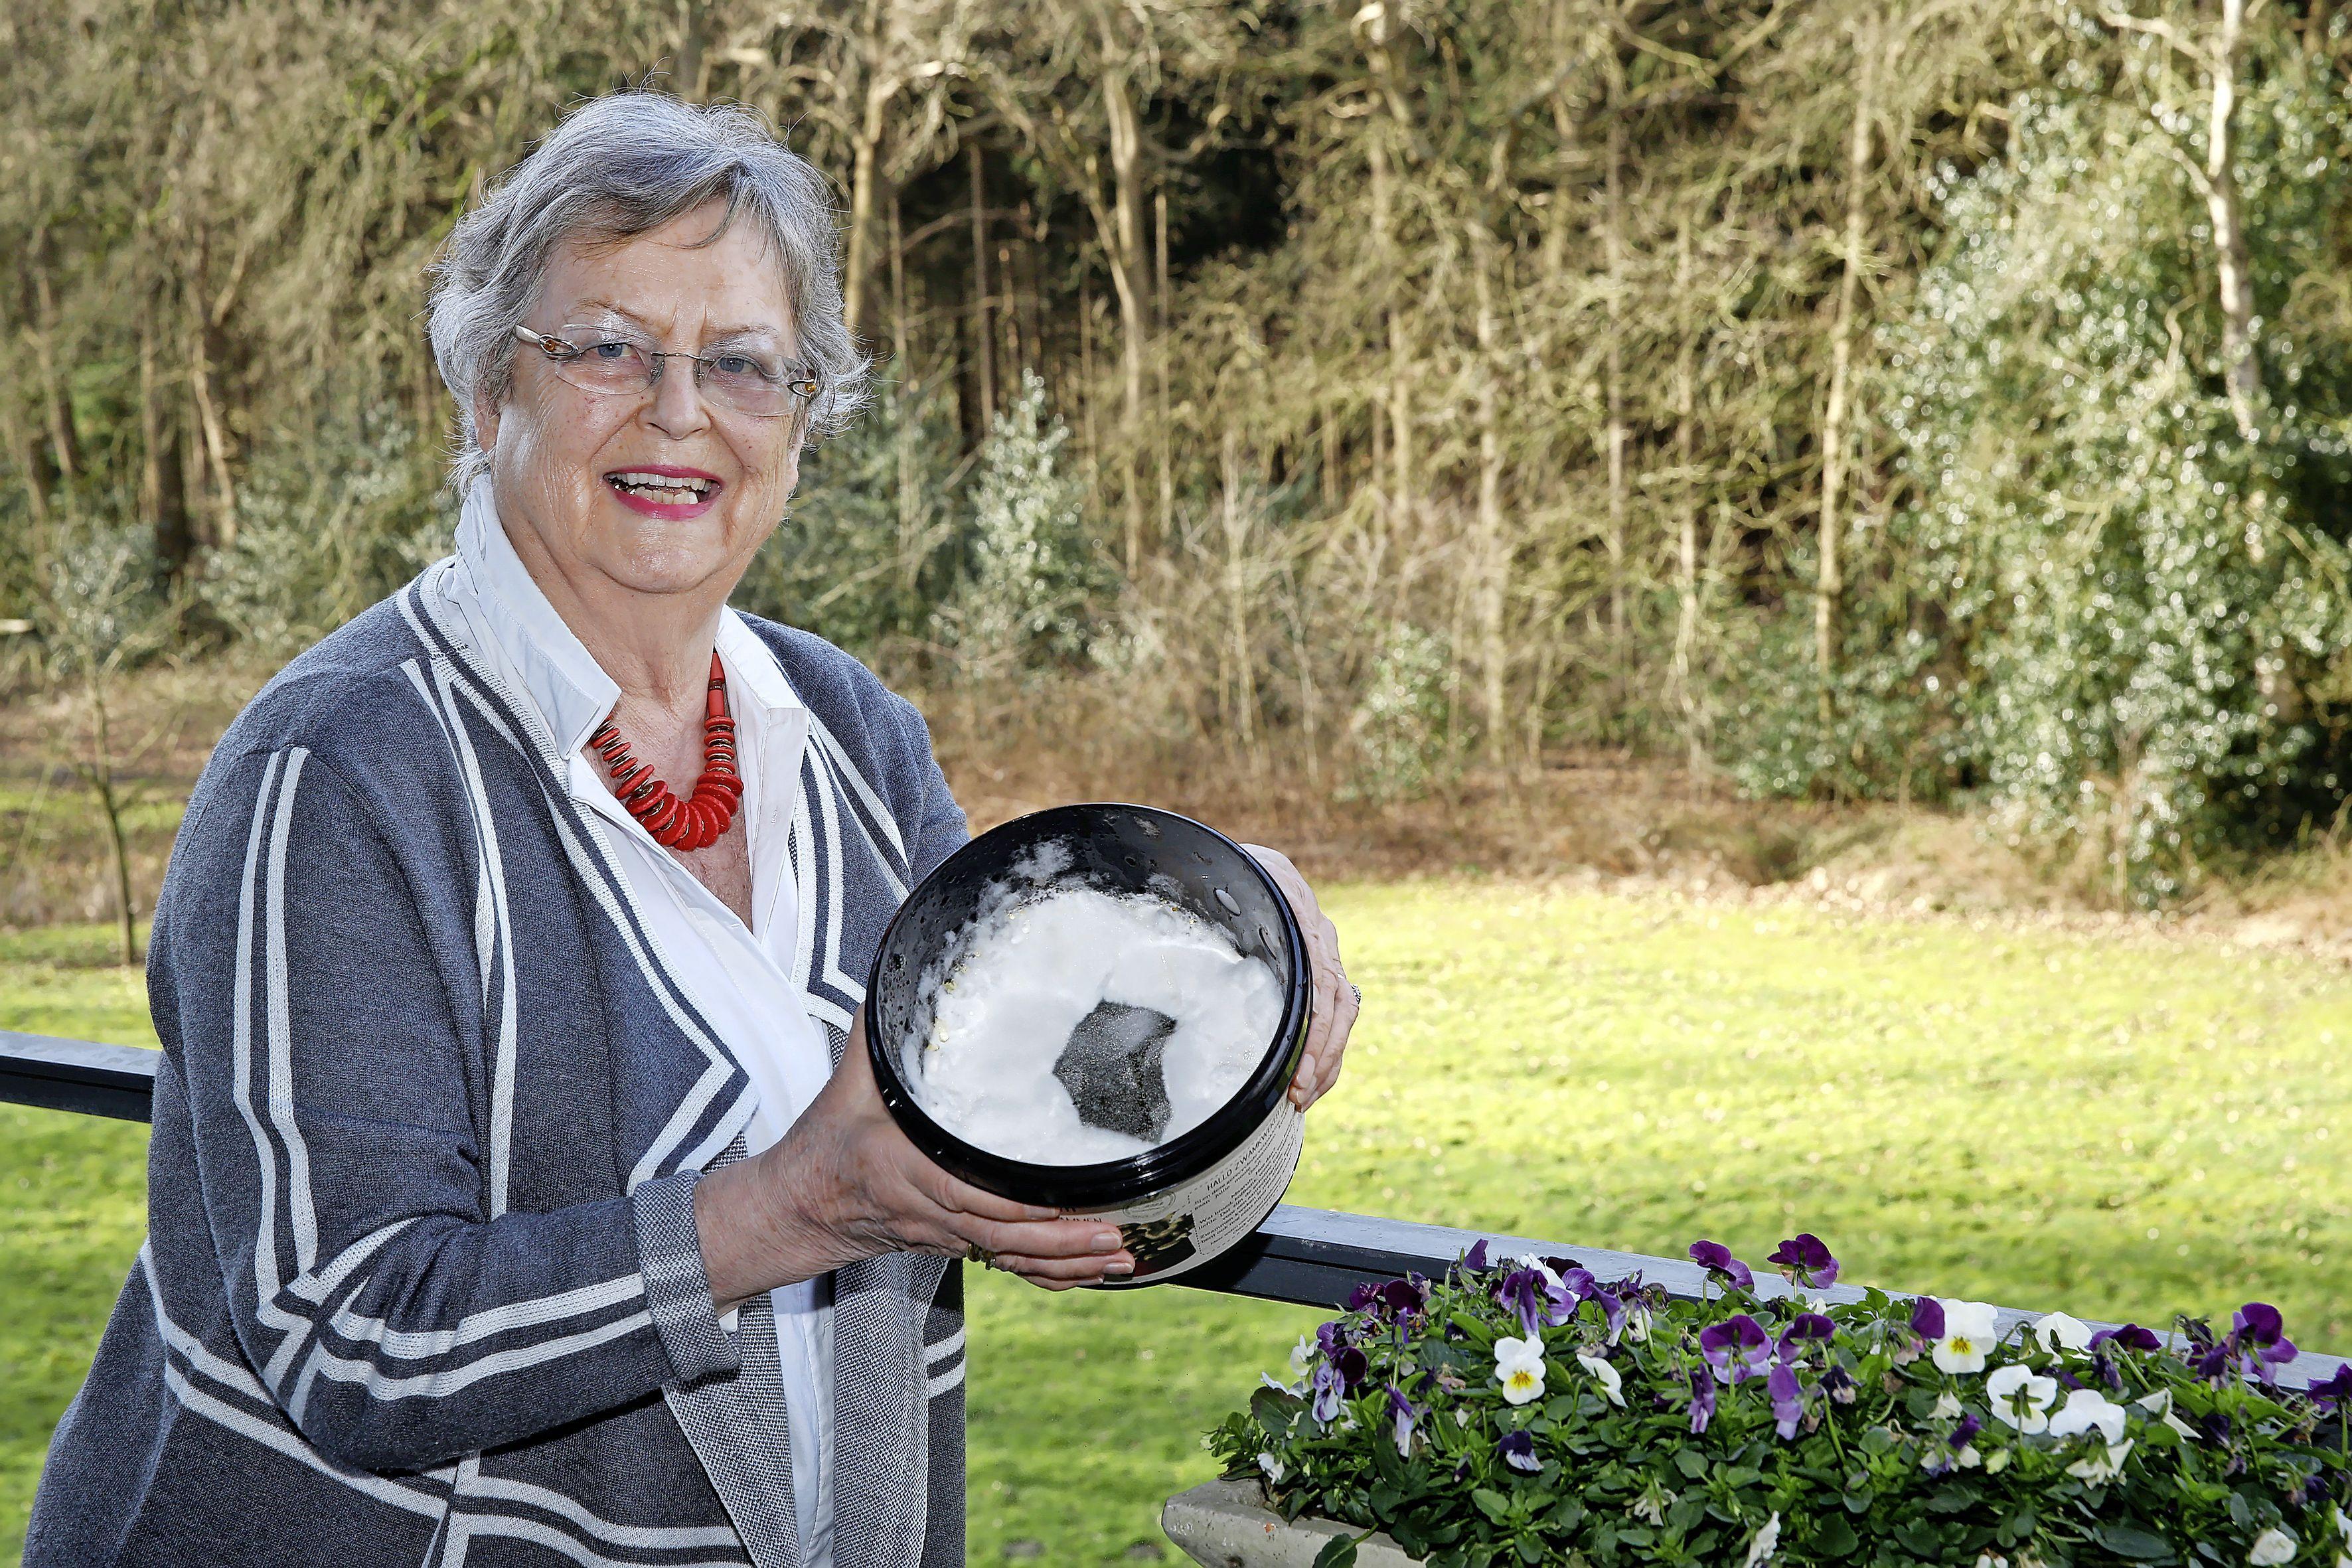 Zo komt Henja Kronenburg uit Hilversum de lockdown door: oesterzwammen kweken op koffieprut: 'Als de zwammen eruit komen, is het net alsof de vliezen breken'